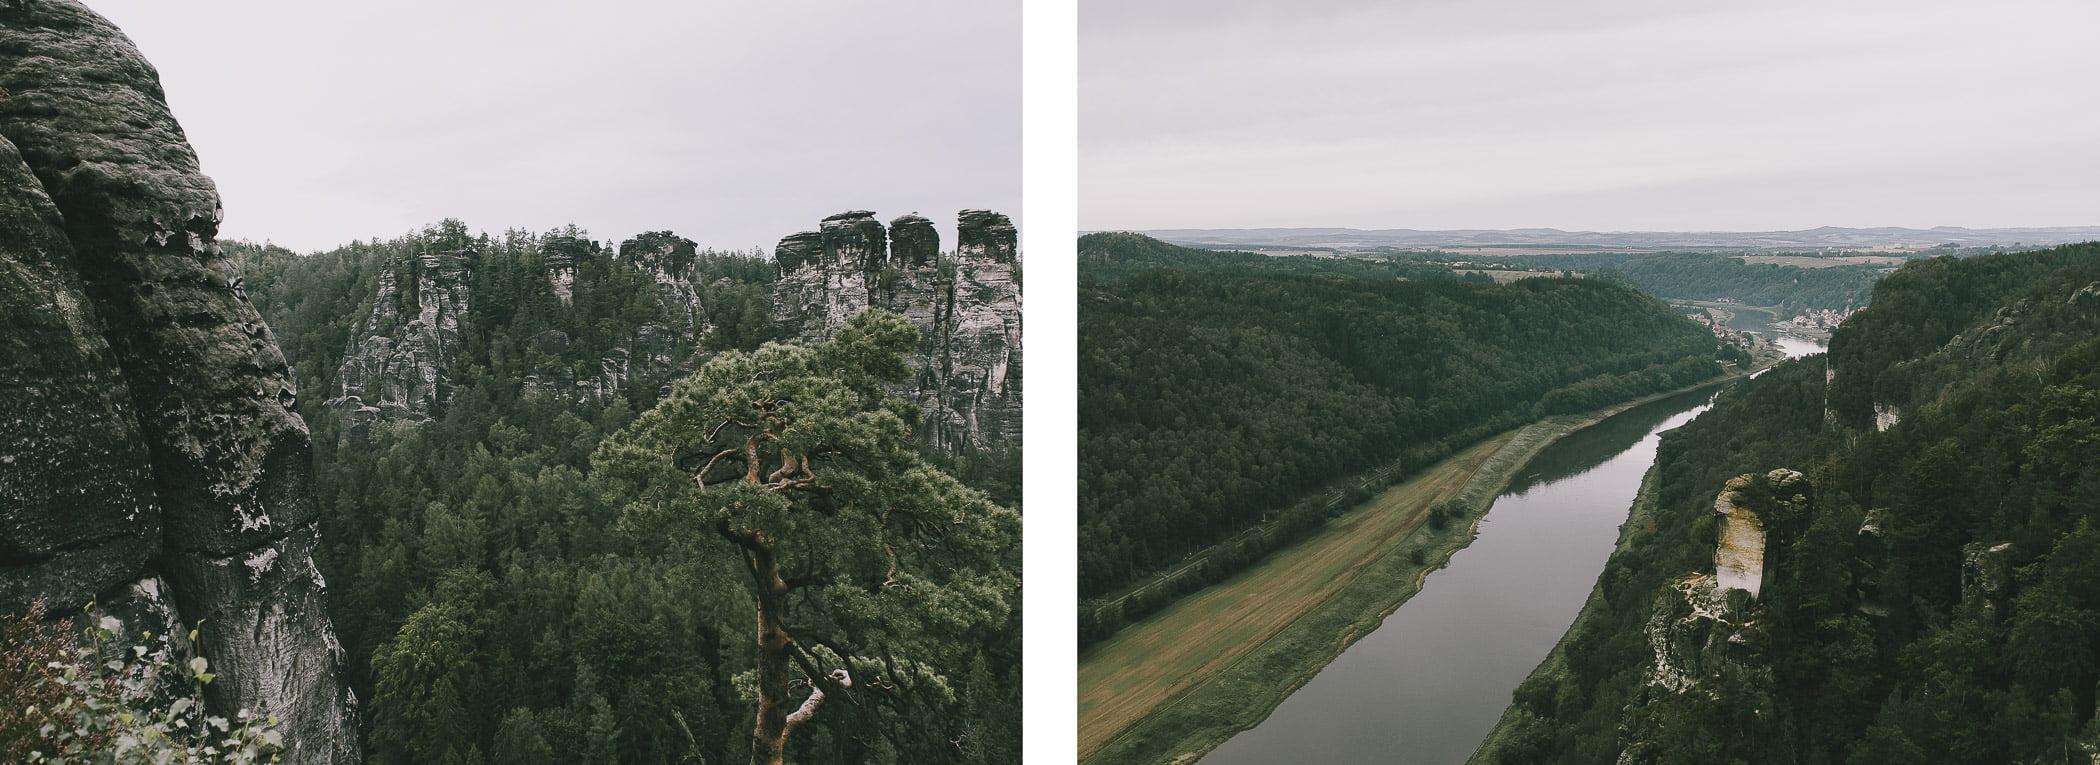 Niemcy, Saksońska Szwajcaria – Most Bastei